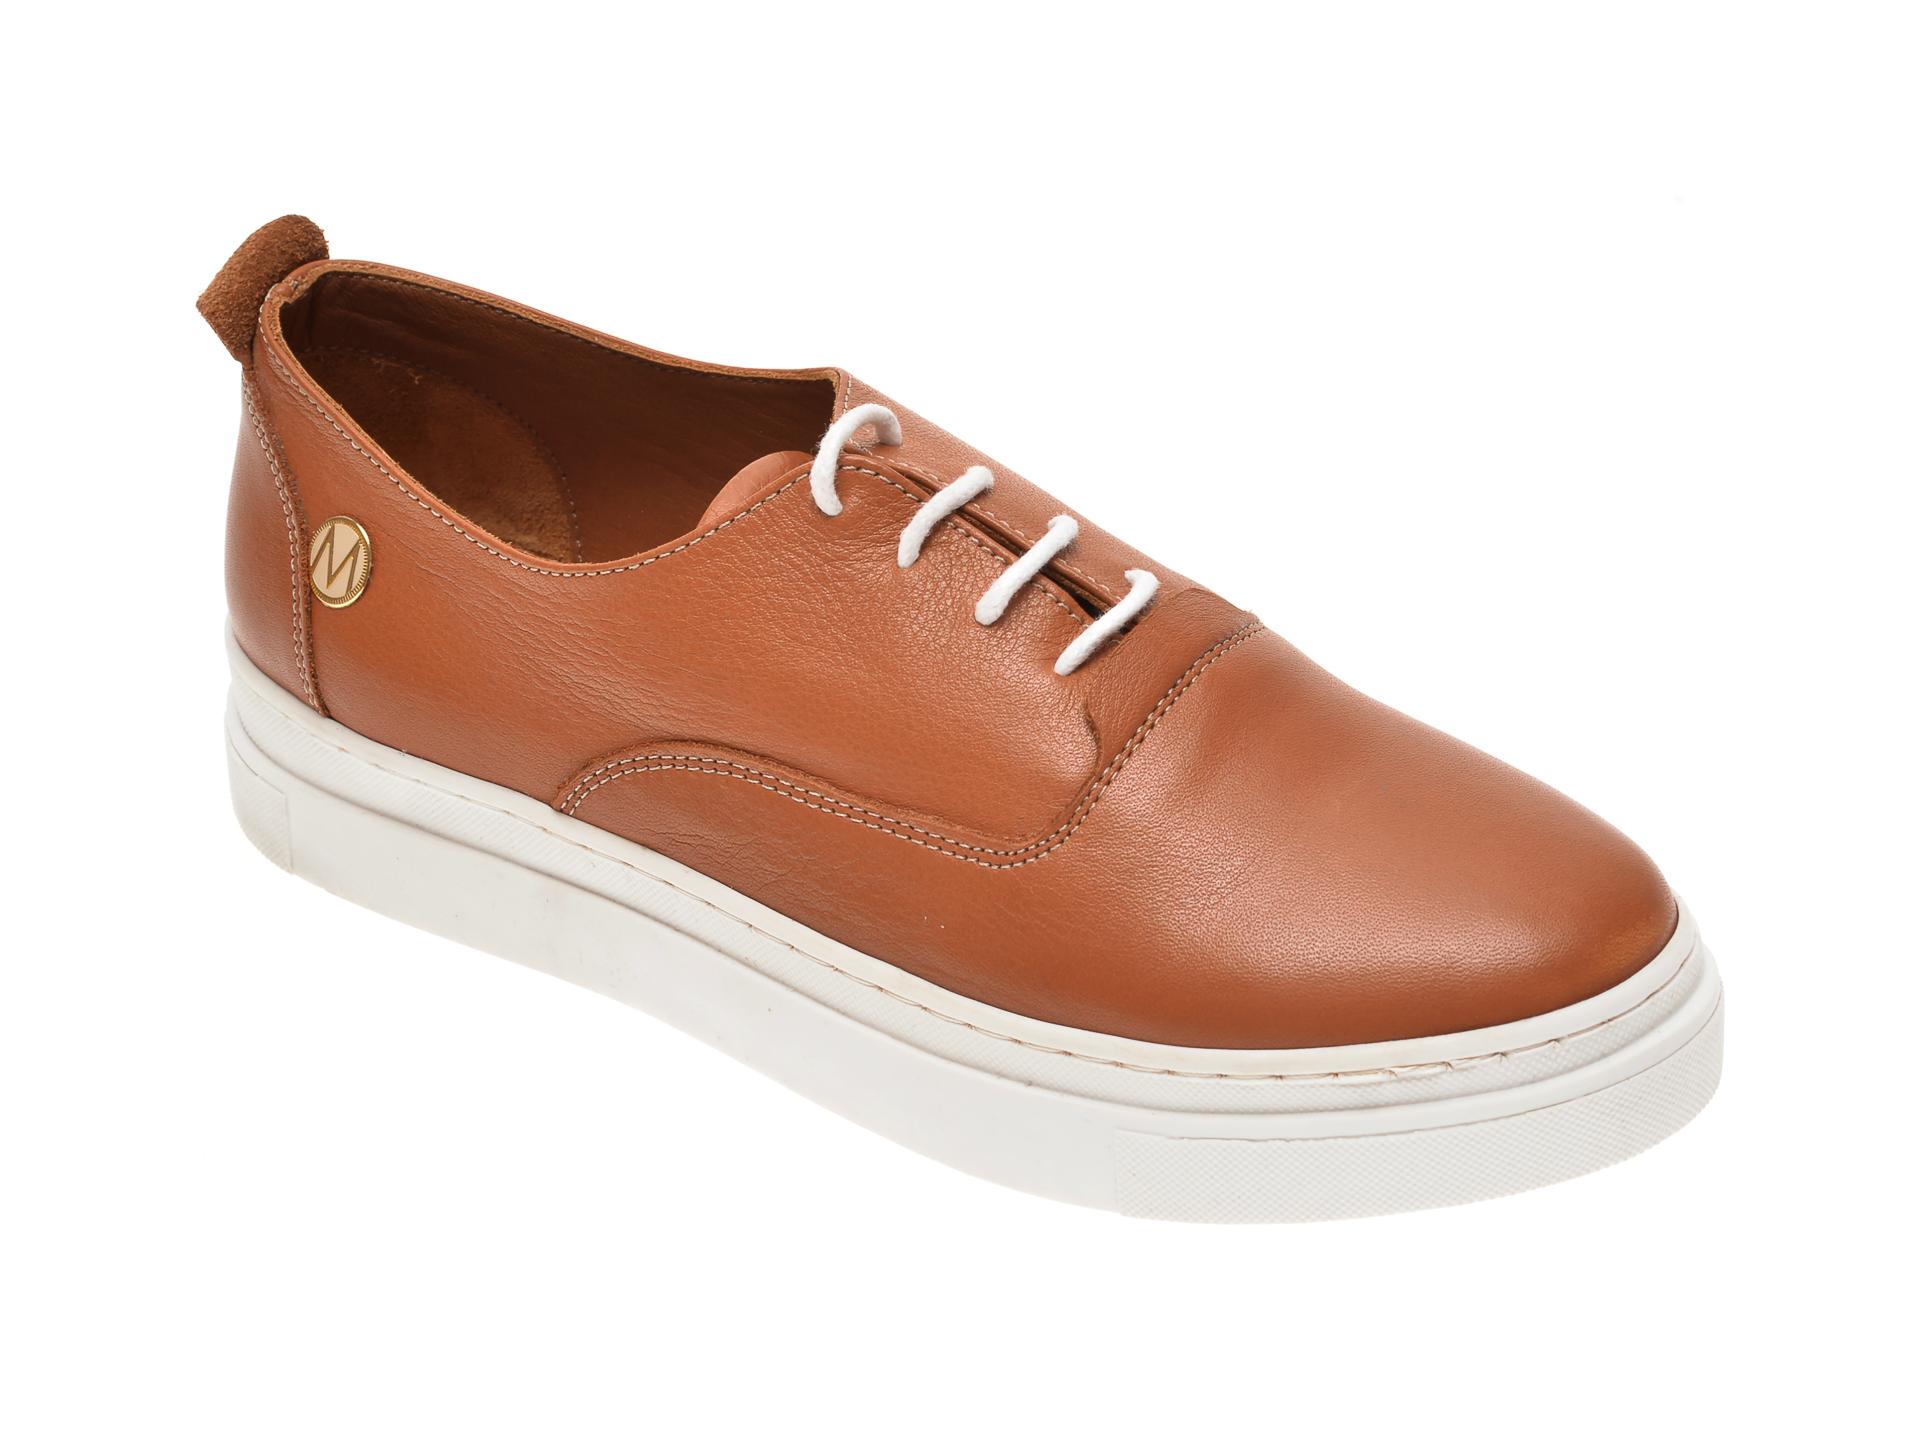 Pantofi MESSIMODA maro, 20Y4175, din piele naturala